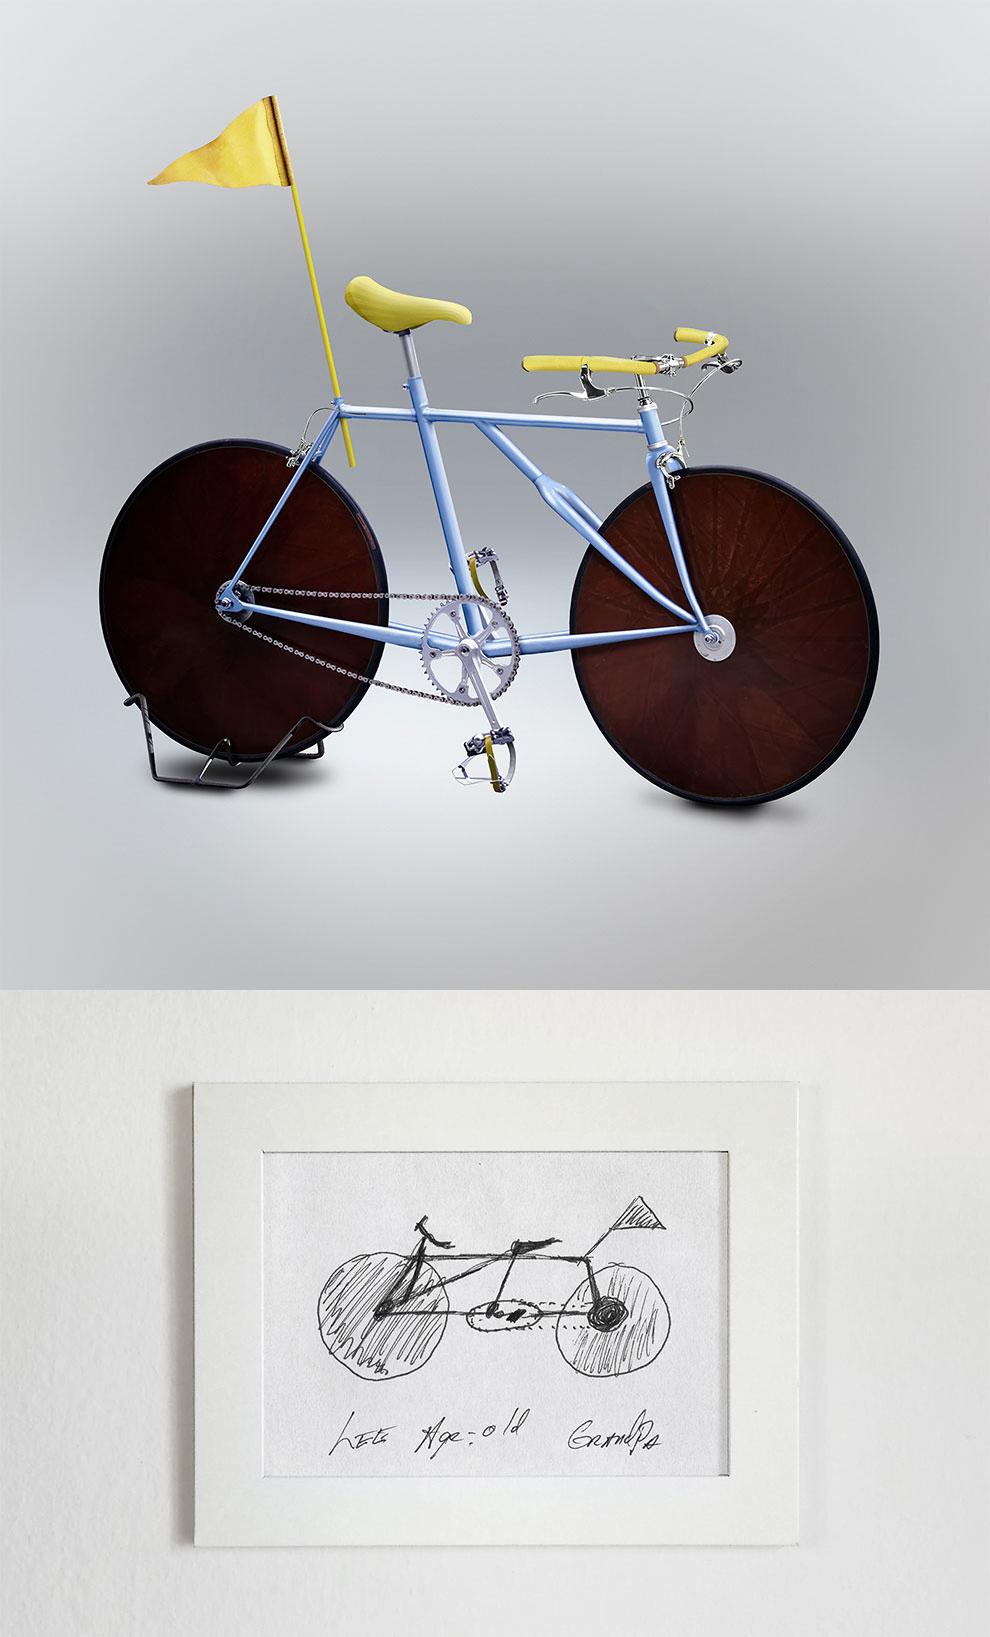 Le bici improbabili di Gianluca Gimini per Velocipedia